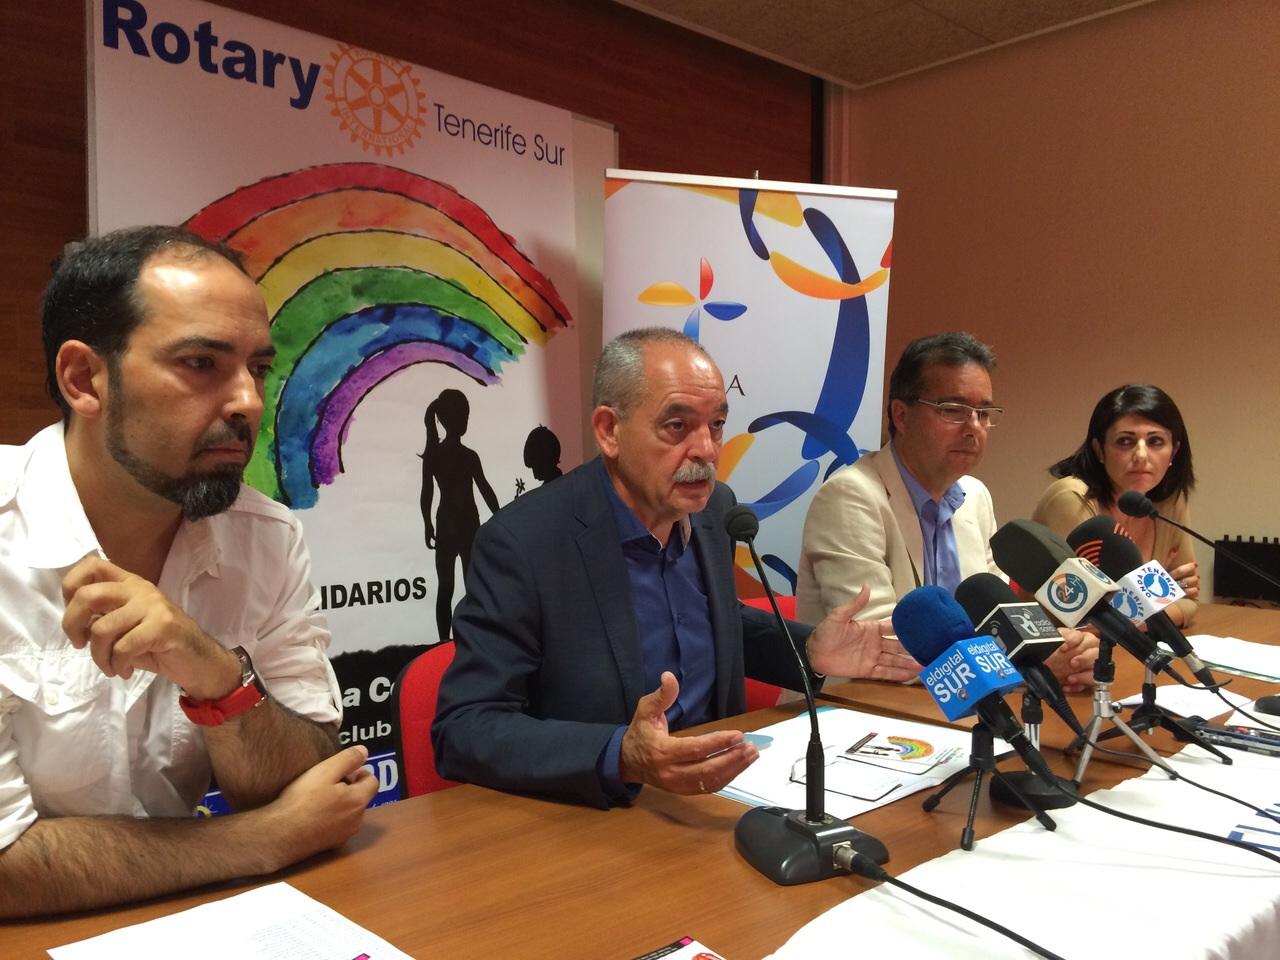 Se presenta en rueda de prensa la I Gala Solidaria de Rotary Tenerife Sur